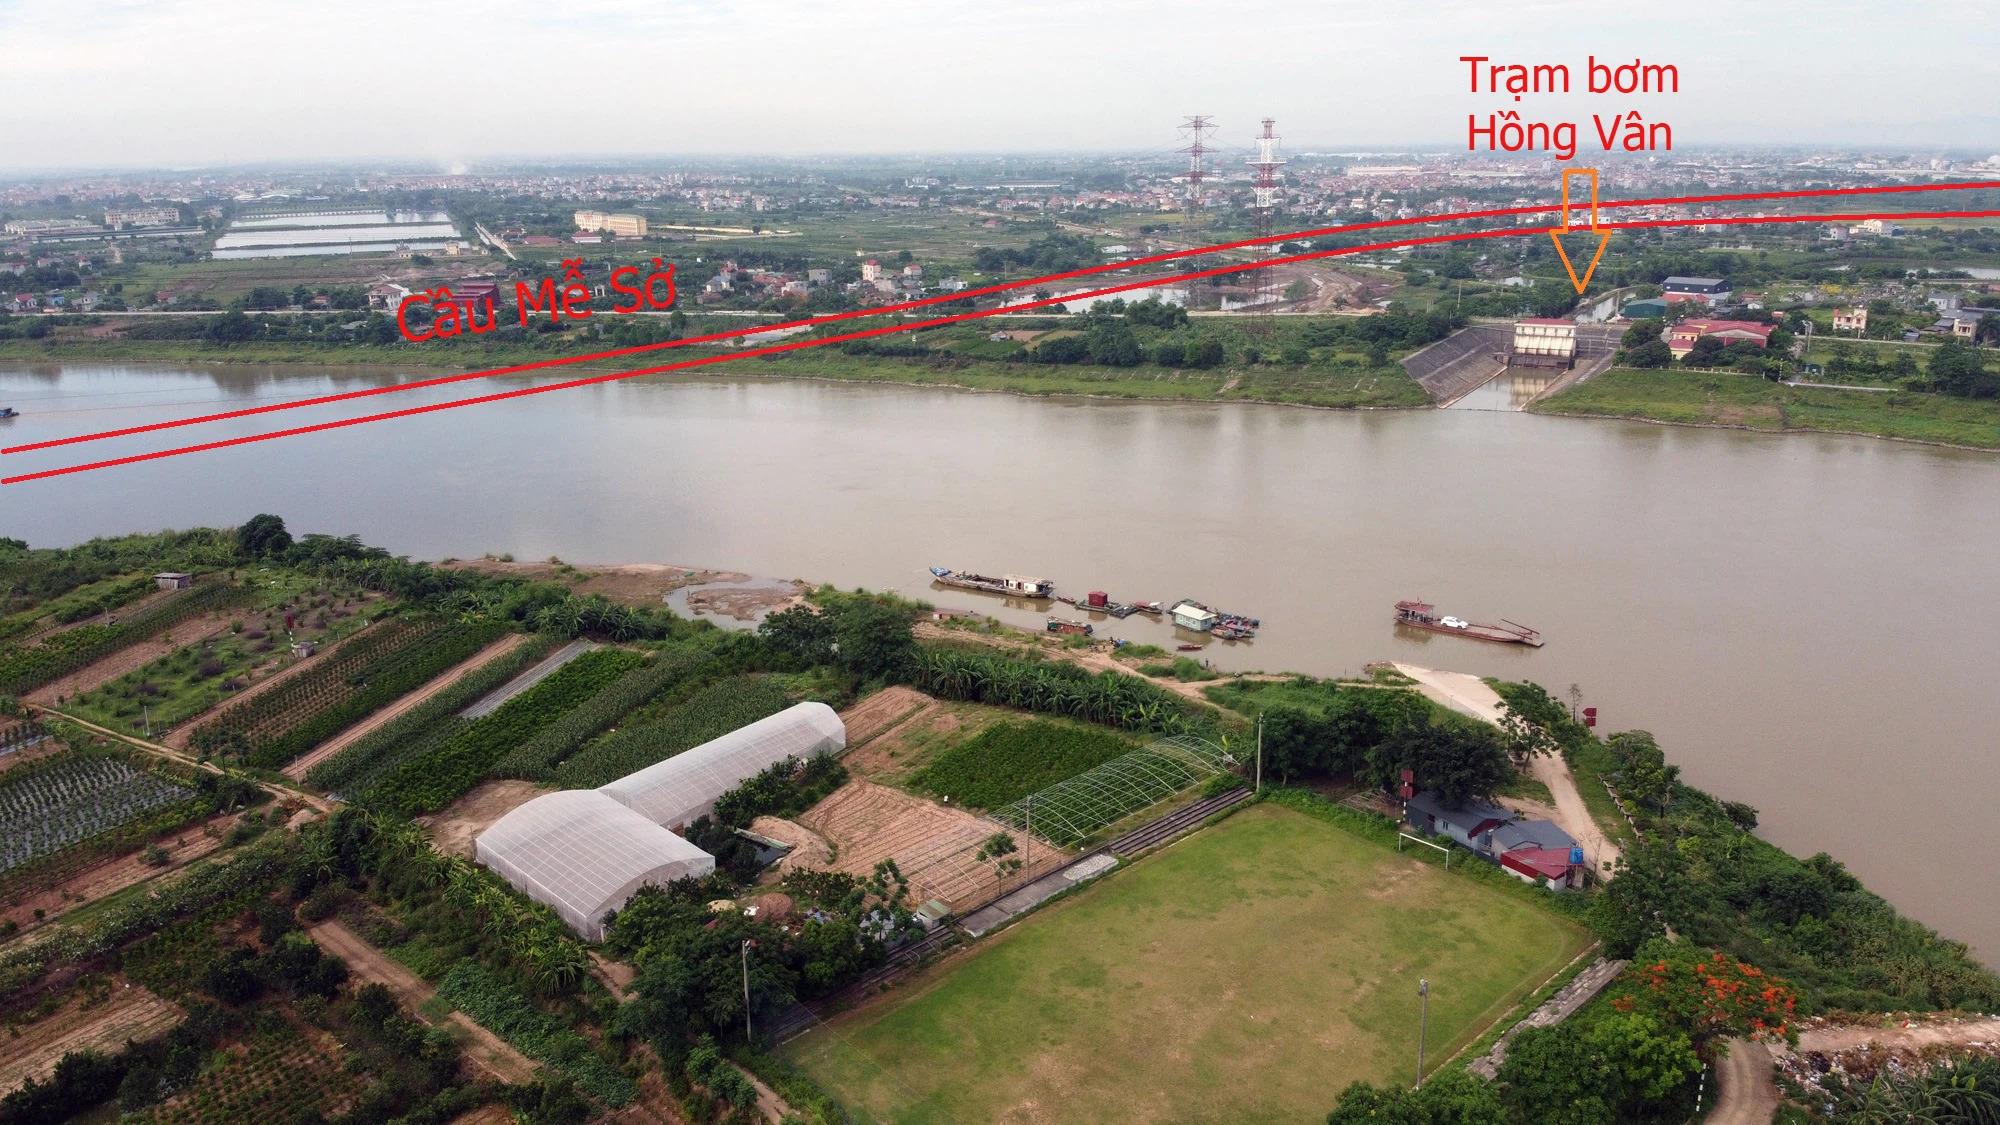 {{Ngoài cầu Trần Hưng Đạo, Hà Nội sẽ xây thêm bao nhiêu cầu vượt sông Hồng? - Ảnh 1.